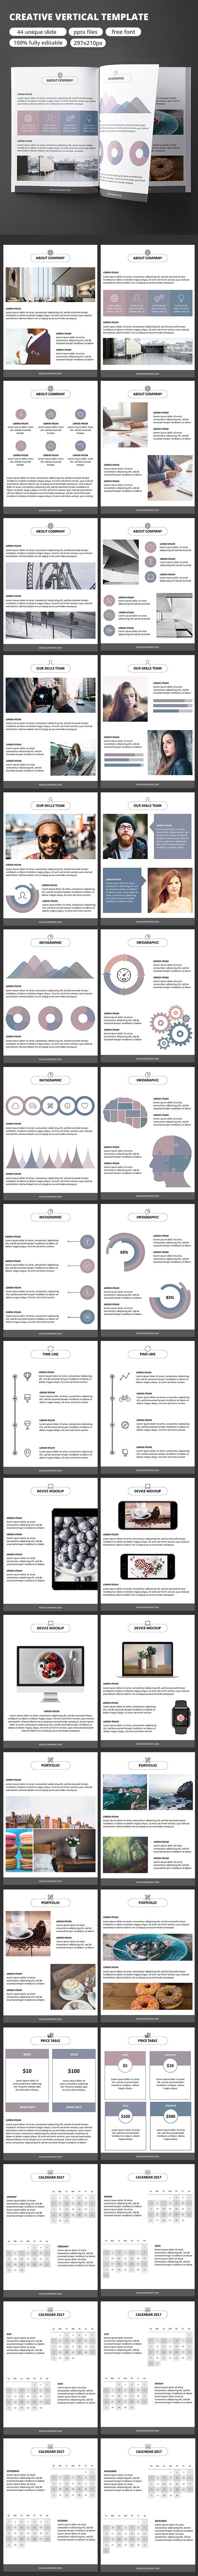 Creative Vertical - GoogleSlide Template - Google Slides Presentation Templates